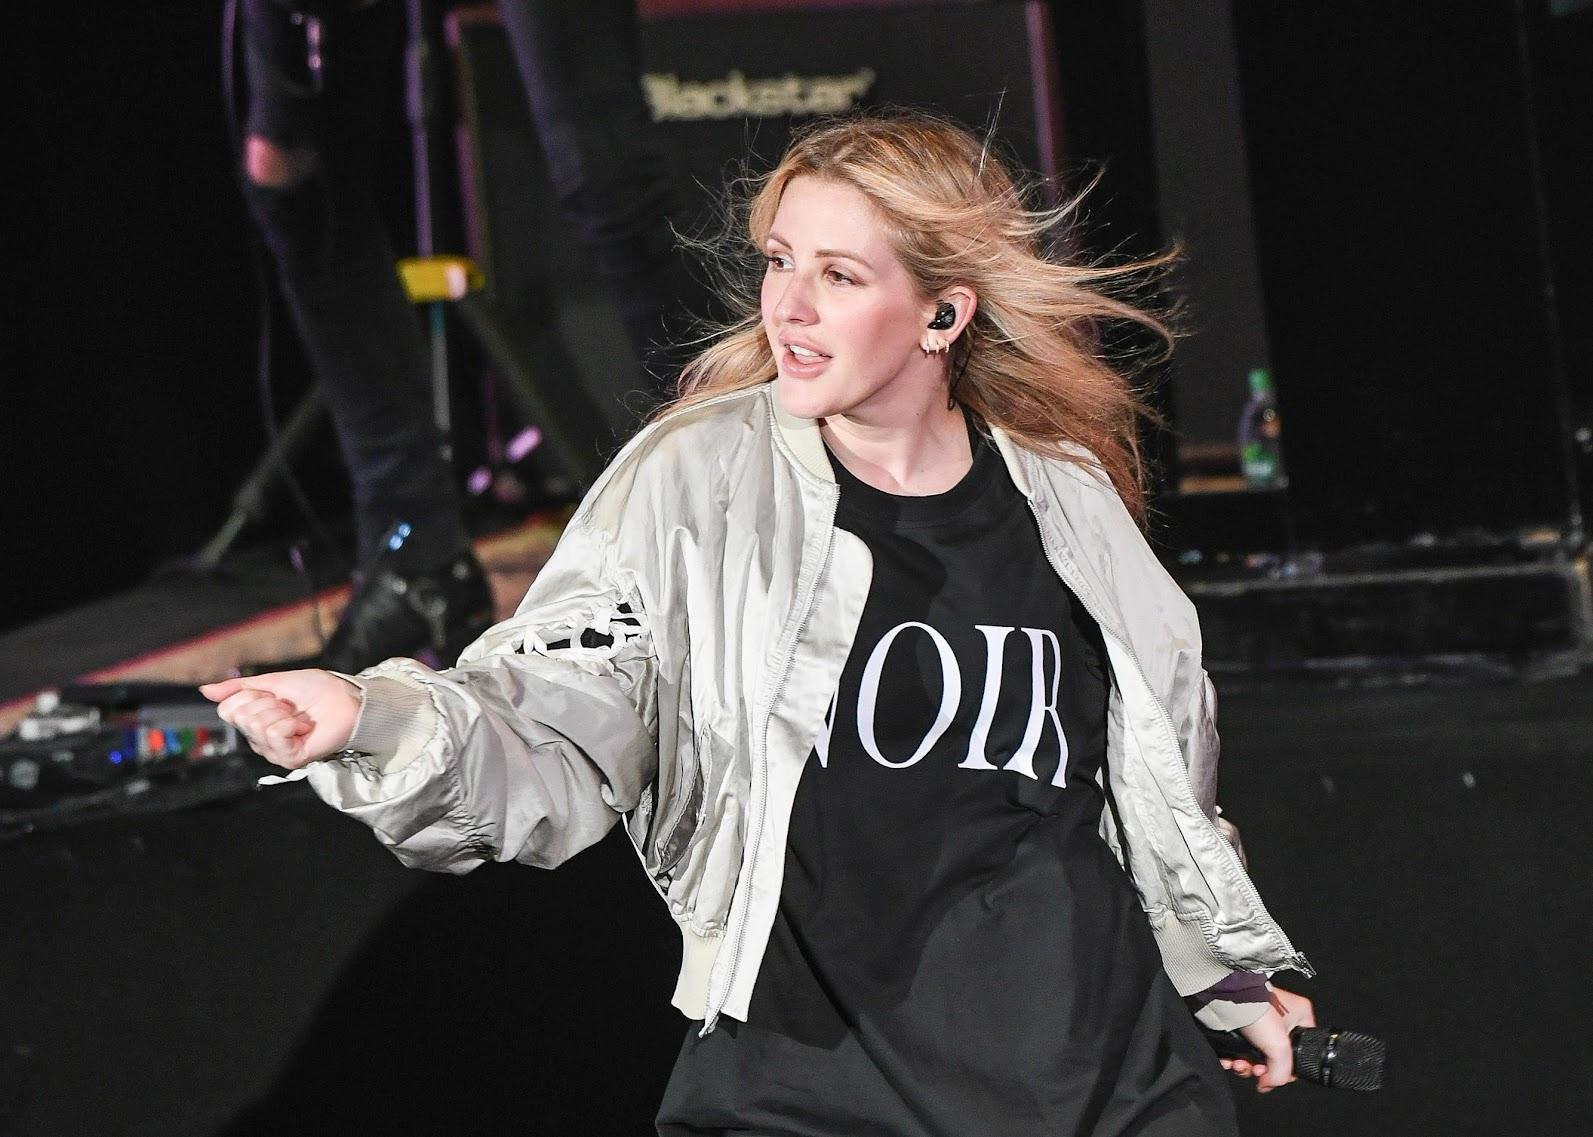 【迷迷現場】Ellie Goulding 艾麗高登 台灣開唱 「台下有你們,讓今晚演唱這首曲子變得更加特別!」」